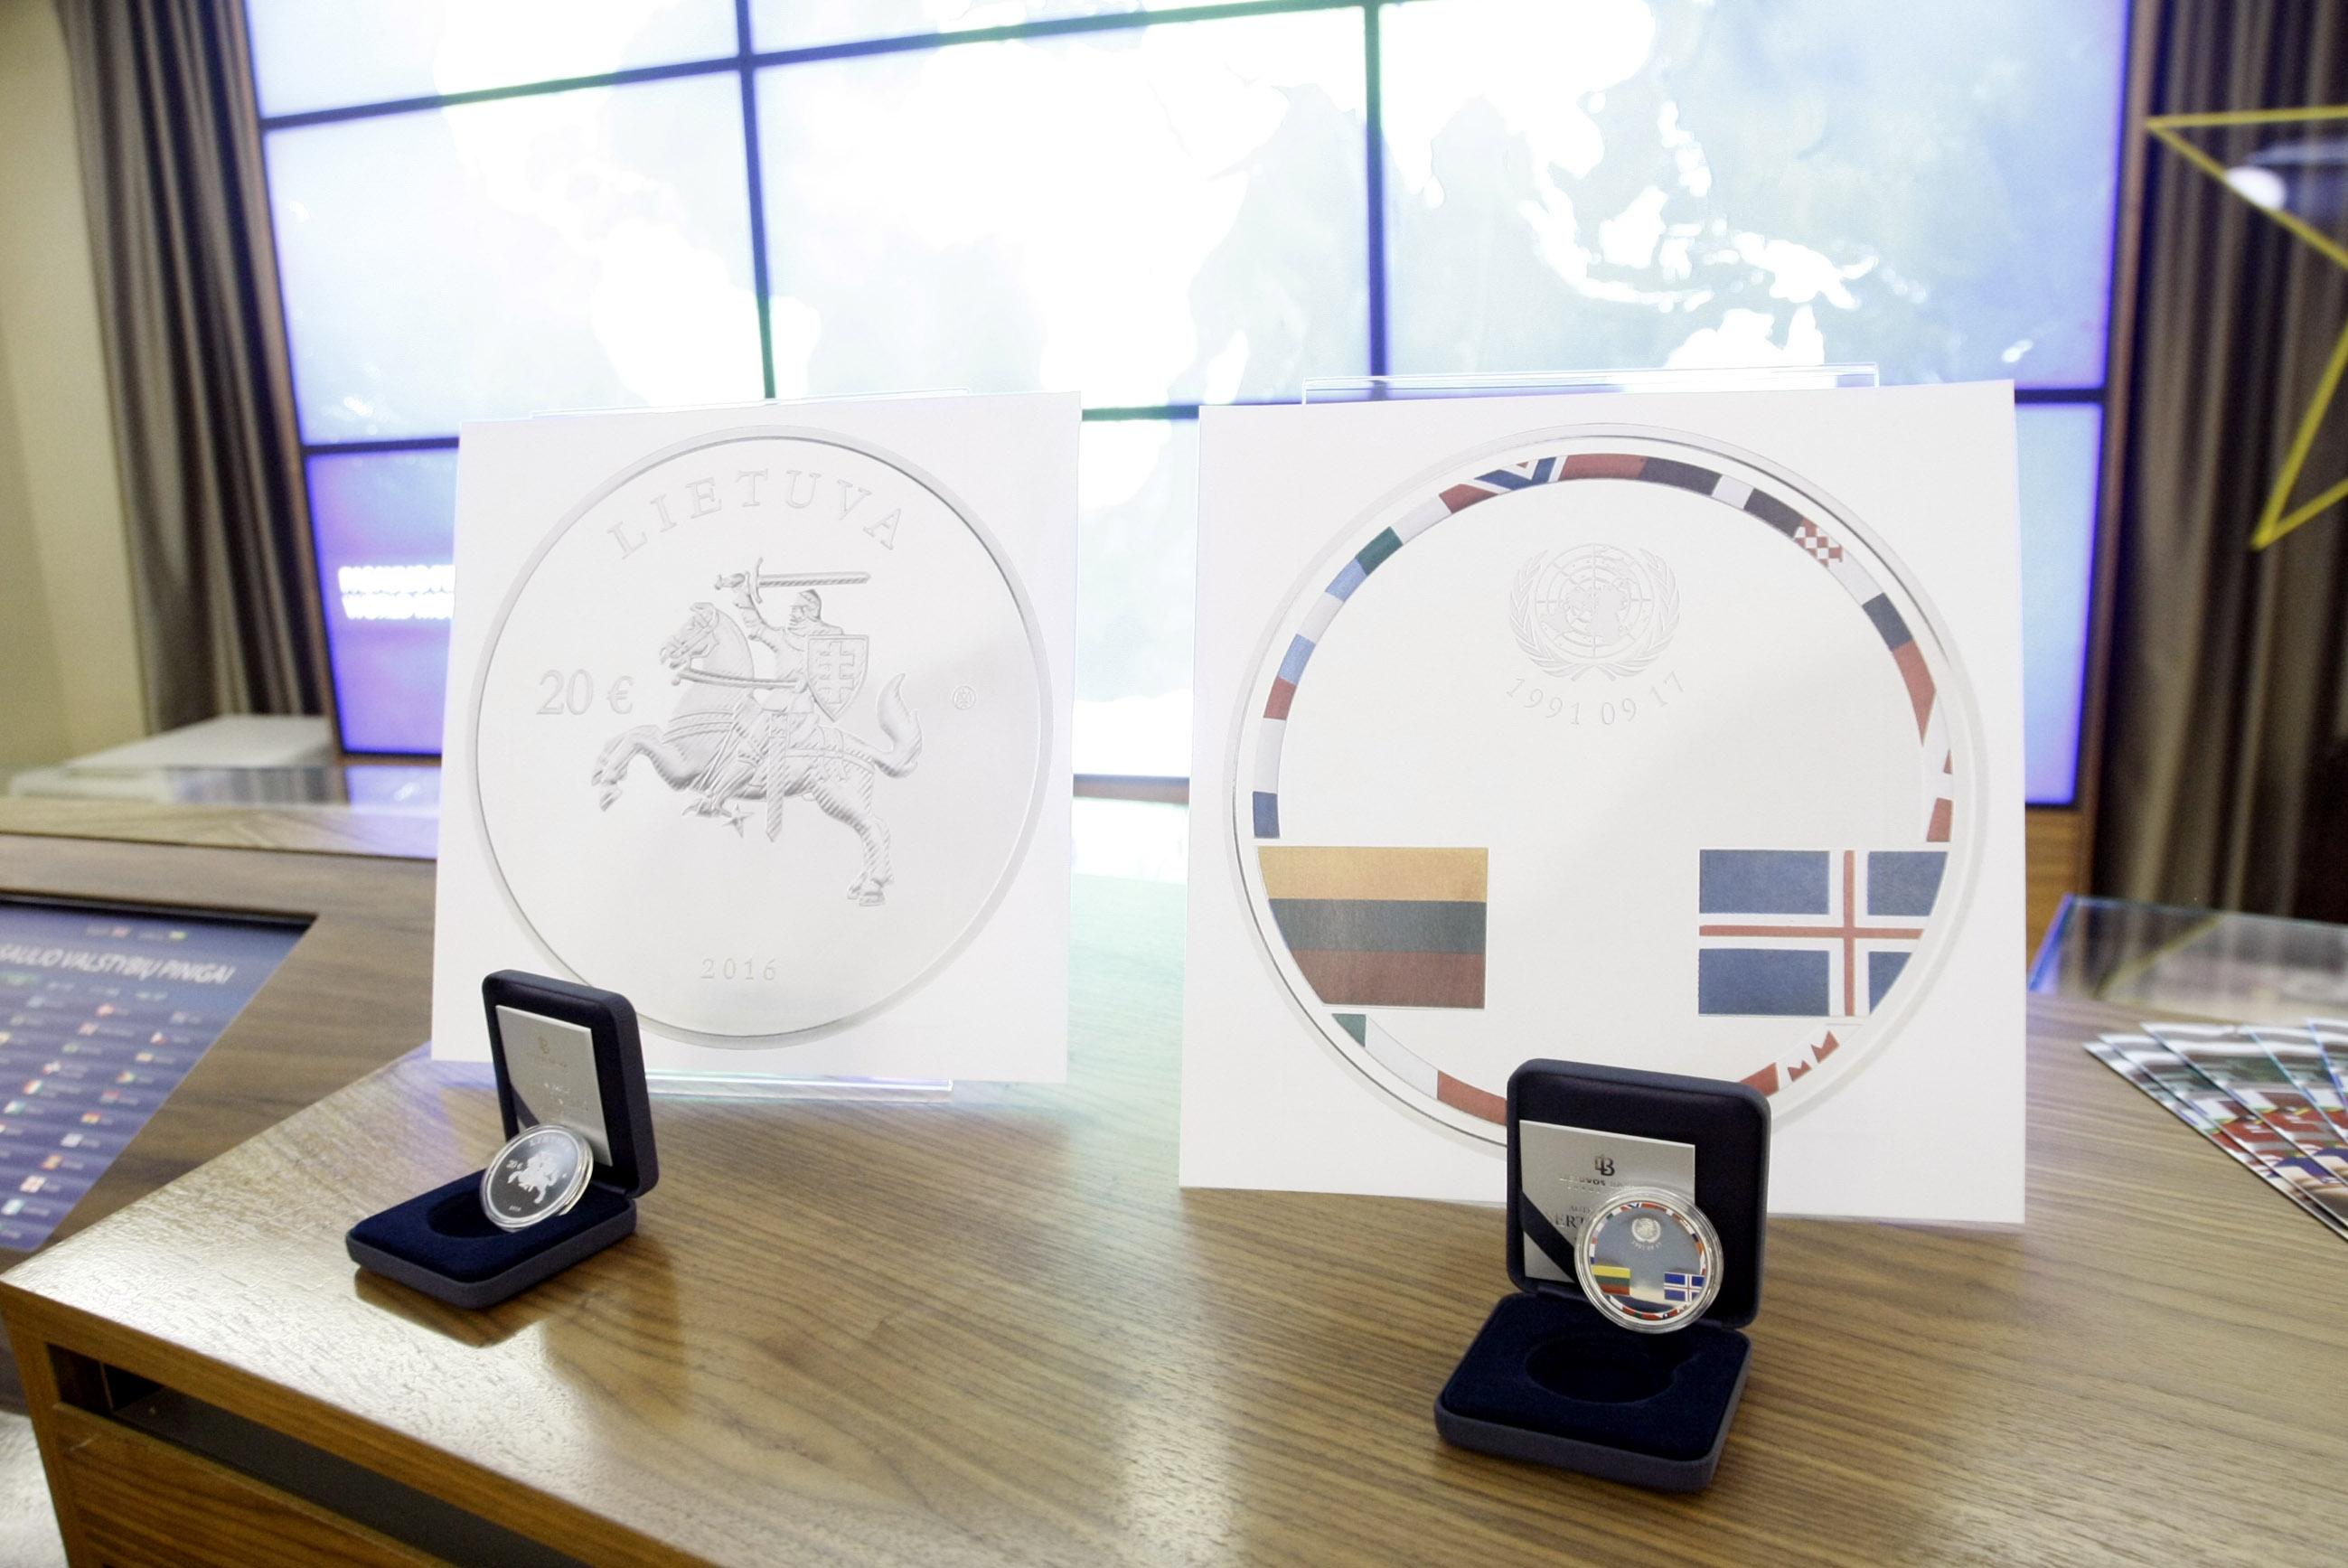 Išleidžiama Lietuvos valstybės diplomatinio pripažinimo 25-mečiui skirta moneta. Gedimino Savickio (ELTA) nuotr.